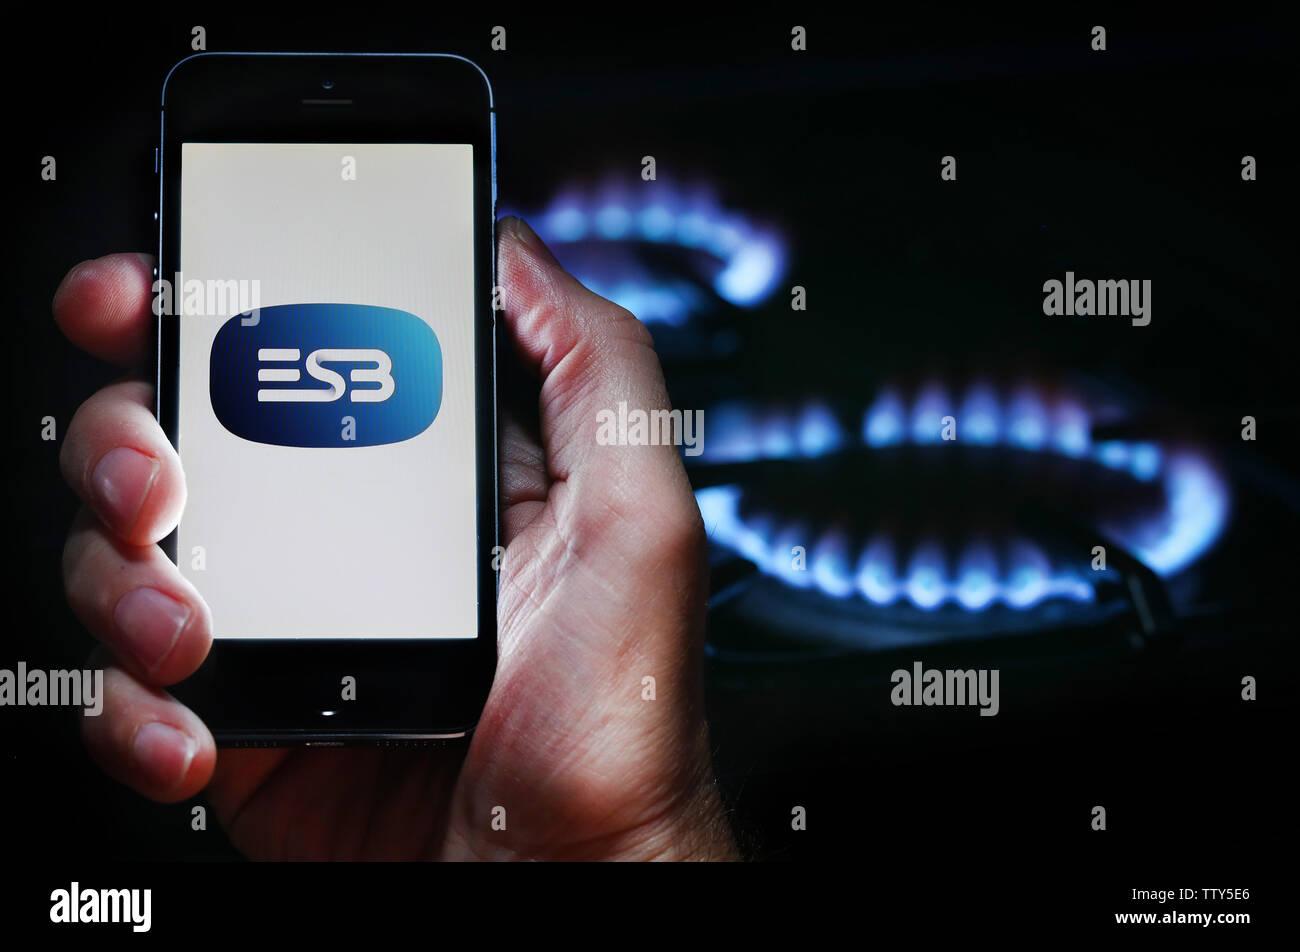 Un uomo che guarda il logo del sito web per la società energetica ESB sul suo telefono cellulare nella parte anteriore della sua cucina a gas (solo uso editoriale) Immagini Stock